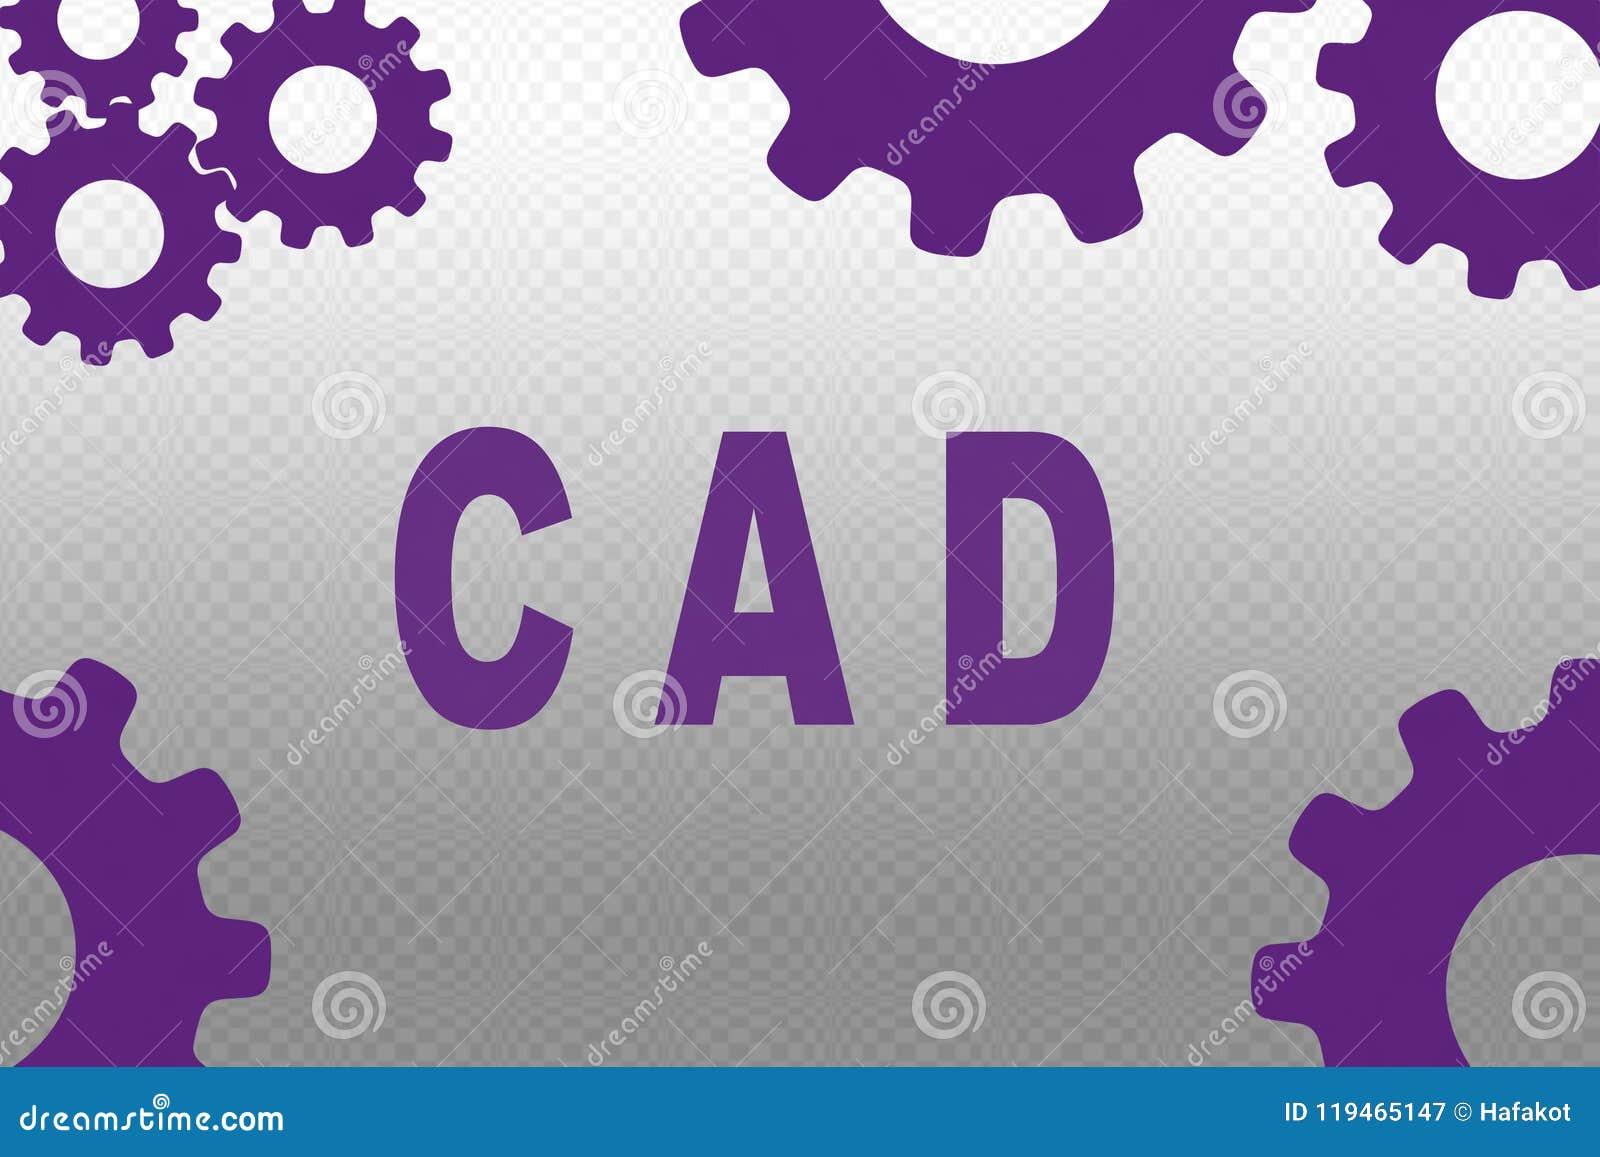 Cad - concetto tecnologico